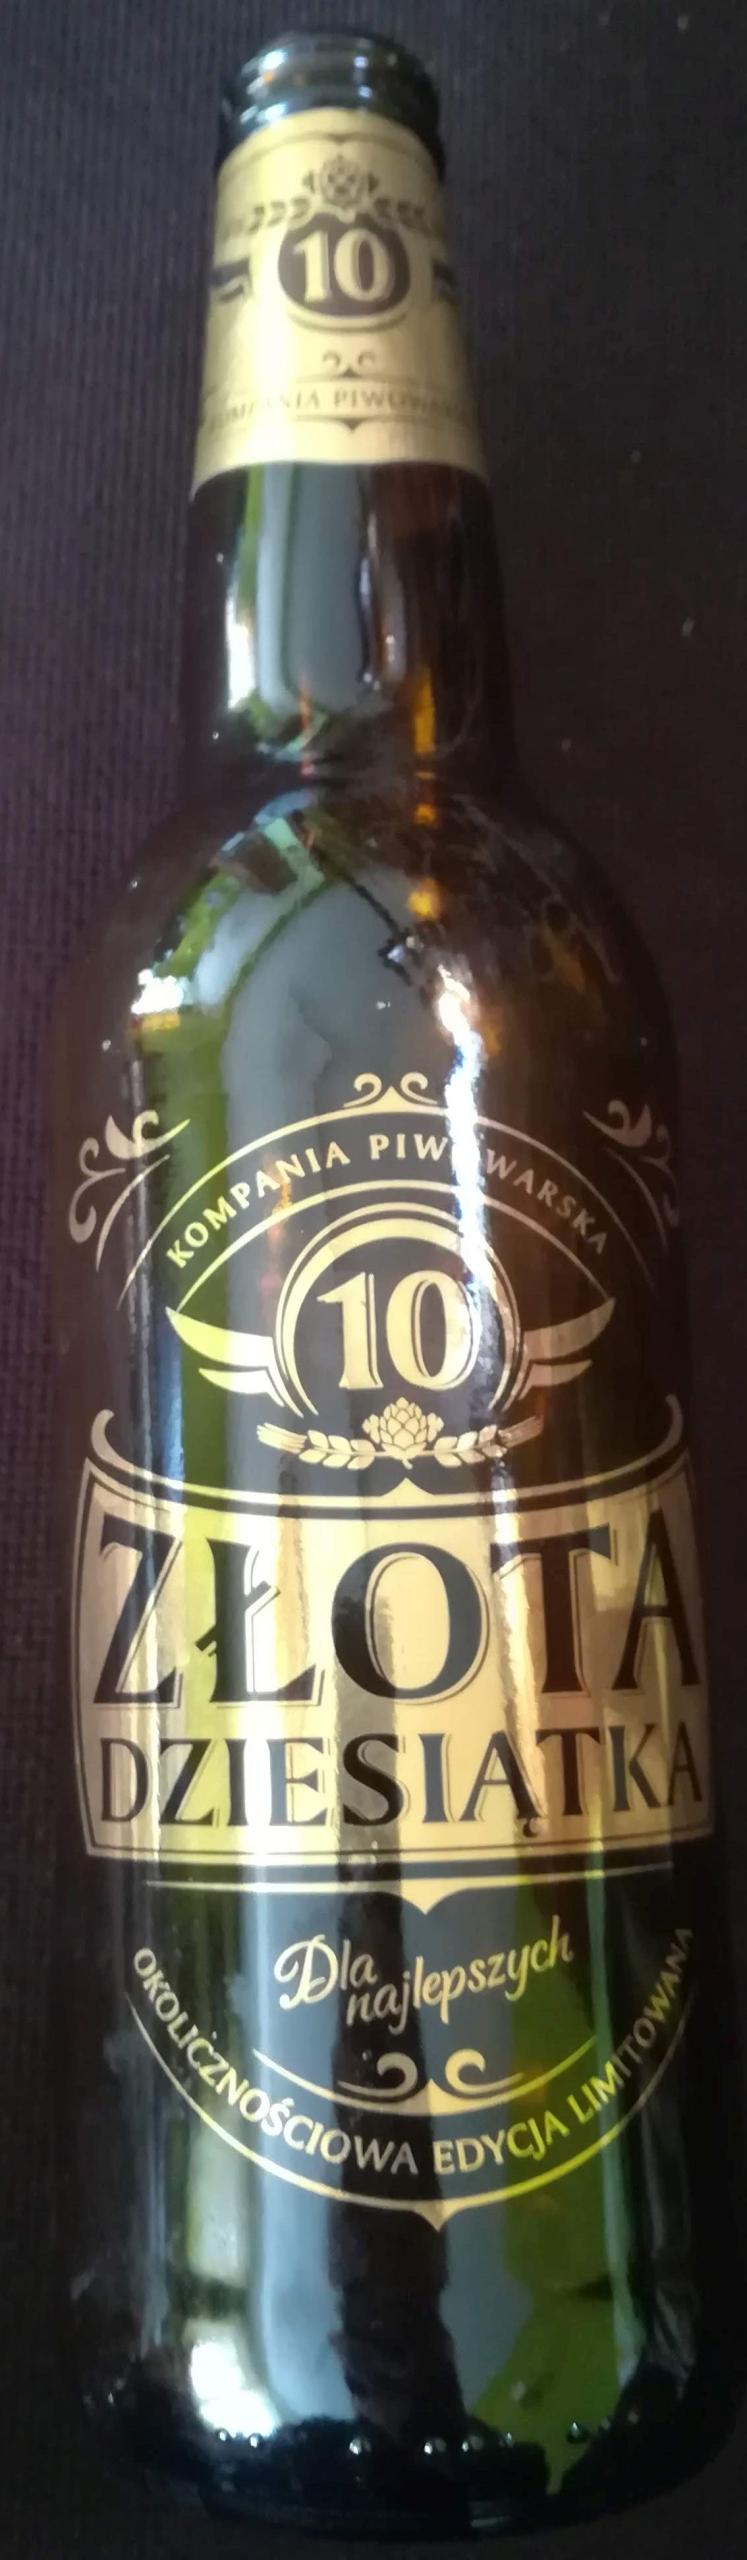 Złota Dziesiątka butelka z malowaną etykietą